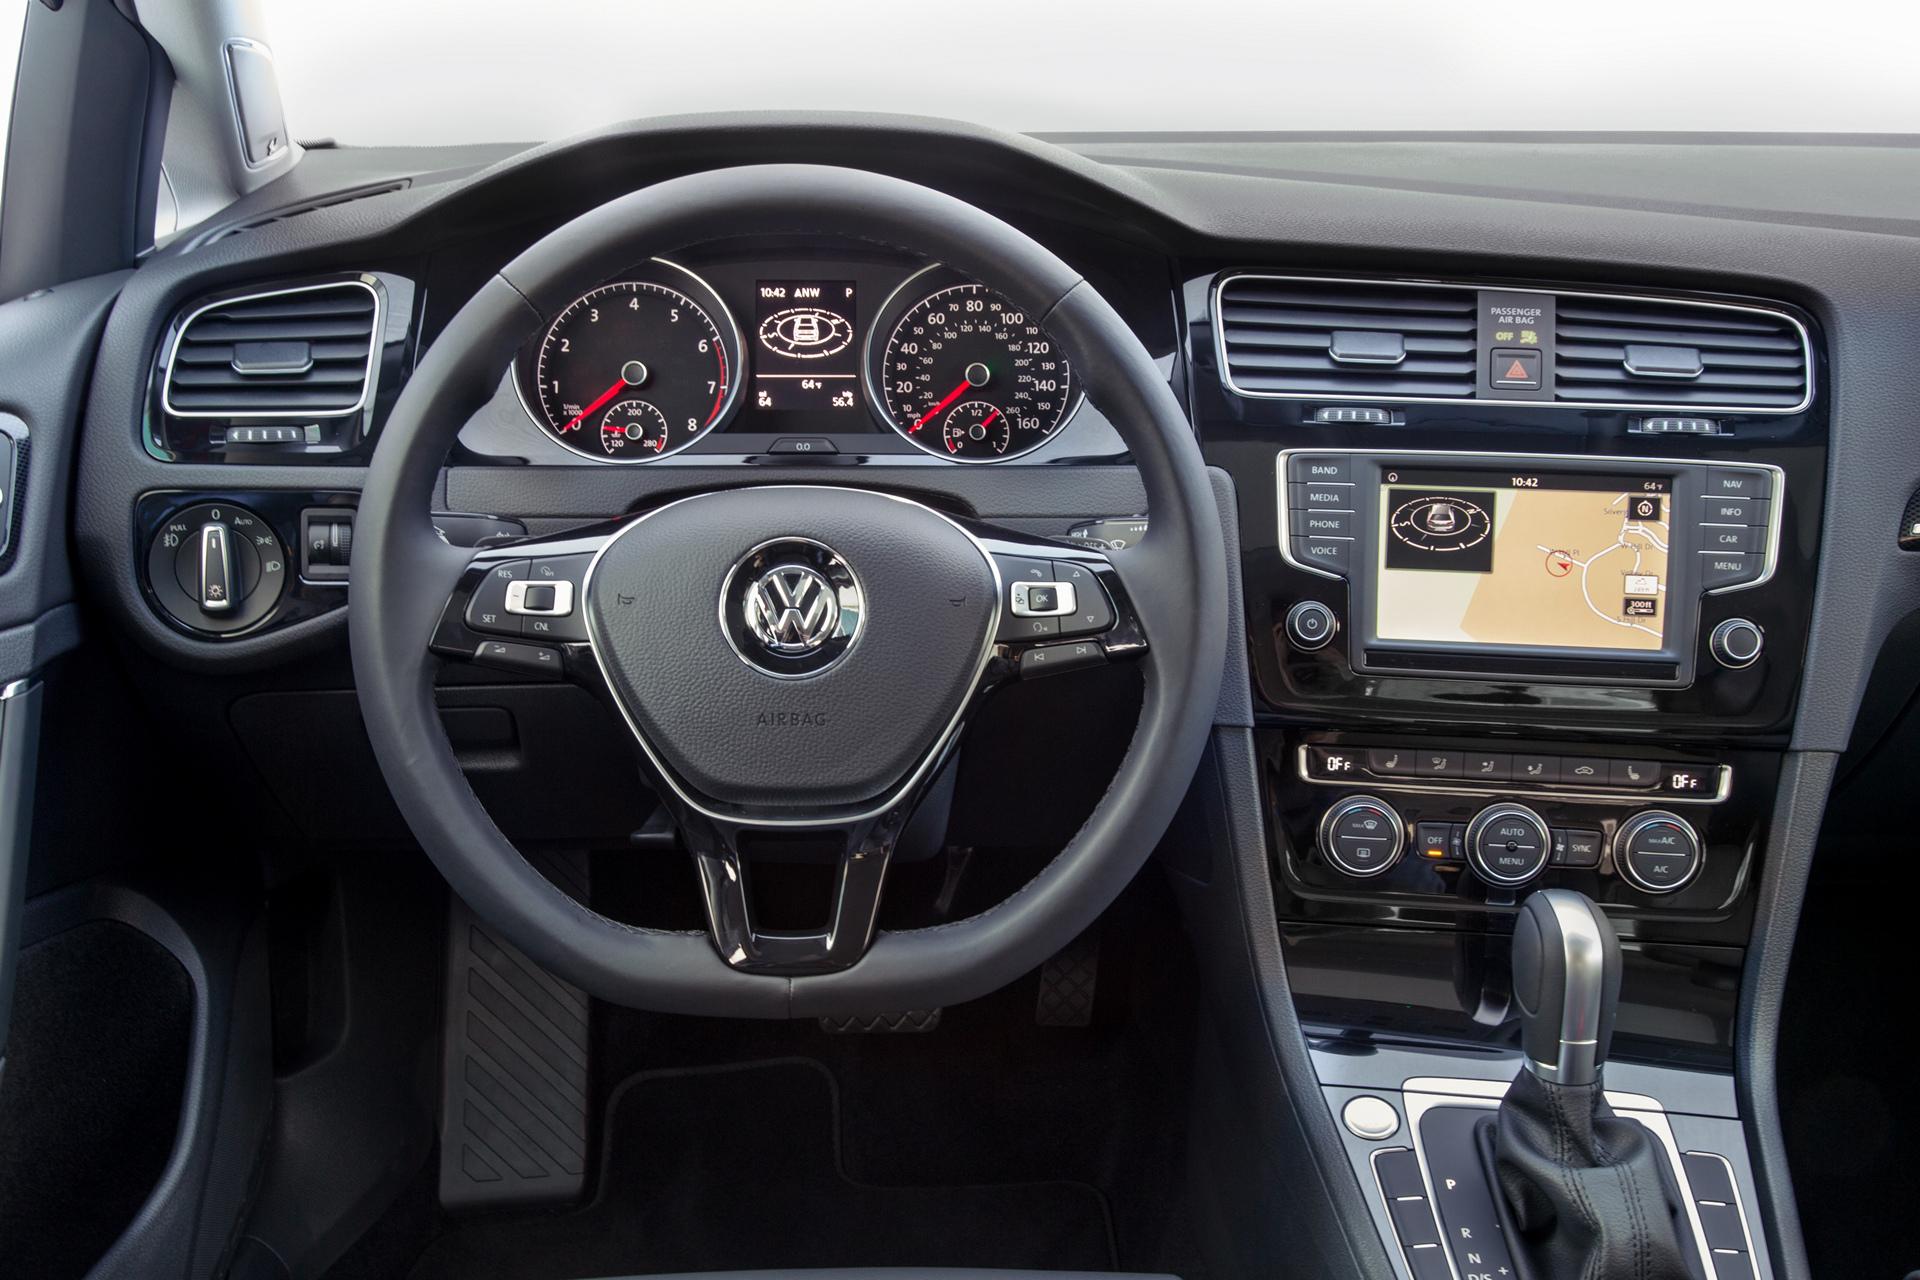 2016 Volkswagen Golf © Volkswagen AG